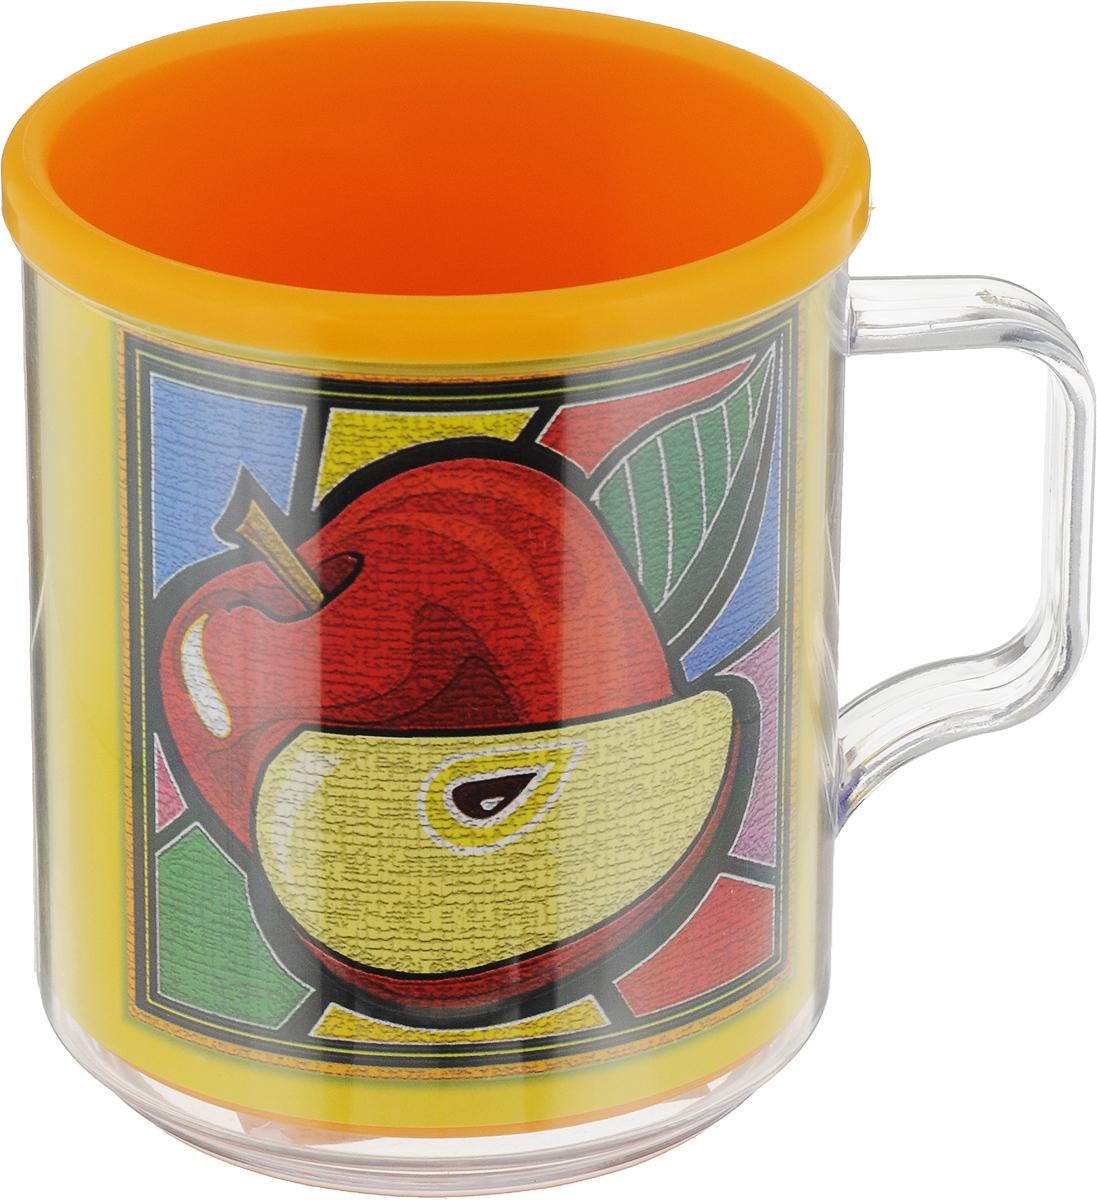 Термокружка Мартика Фрукты, цвет: оранжевый, желтый, 400 млС548_оранжевый,жёлтыйТермокружка Мартика Фрукты, цвет: оранжевый, желтый, 400 мл